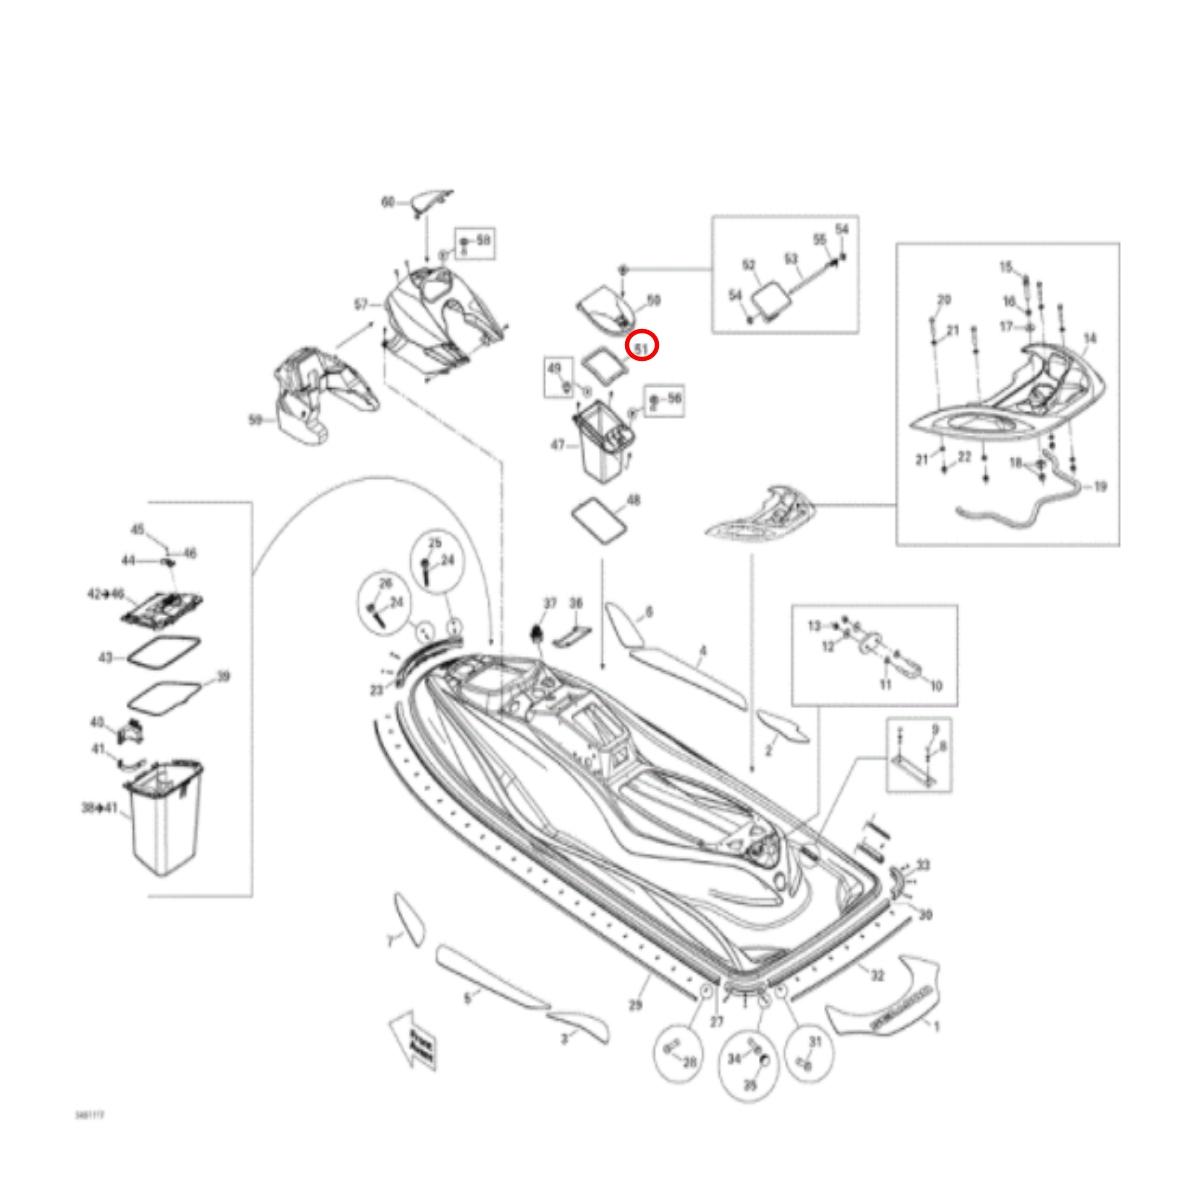 Borracha de Vedação do Porta Documentos para Jet Sea Doo 4 Tec  - Radical Peças - Peças para Jet Ski